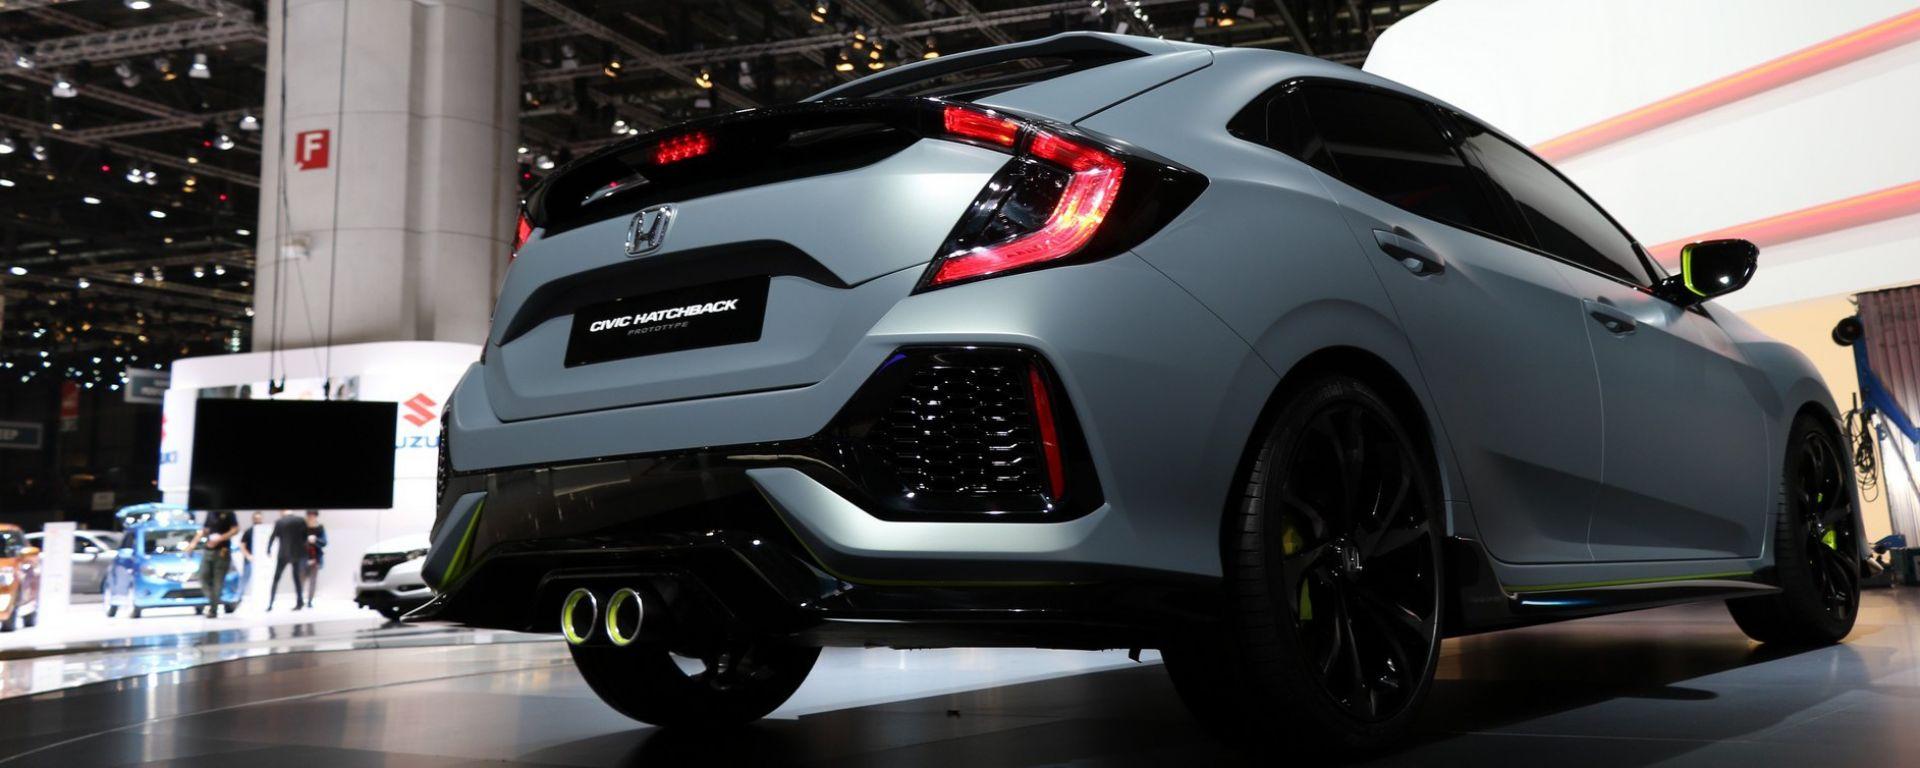 Ginevra 2016: lo stand Honda